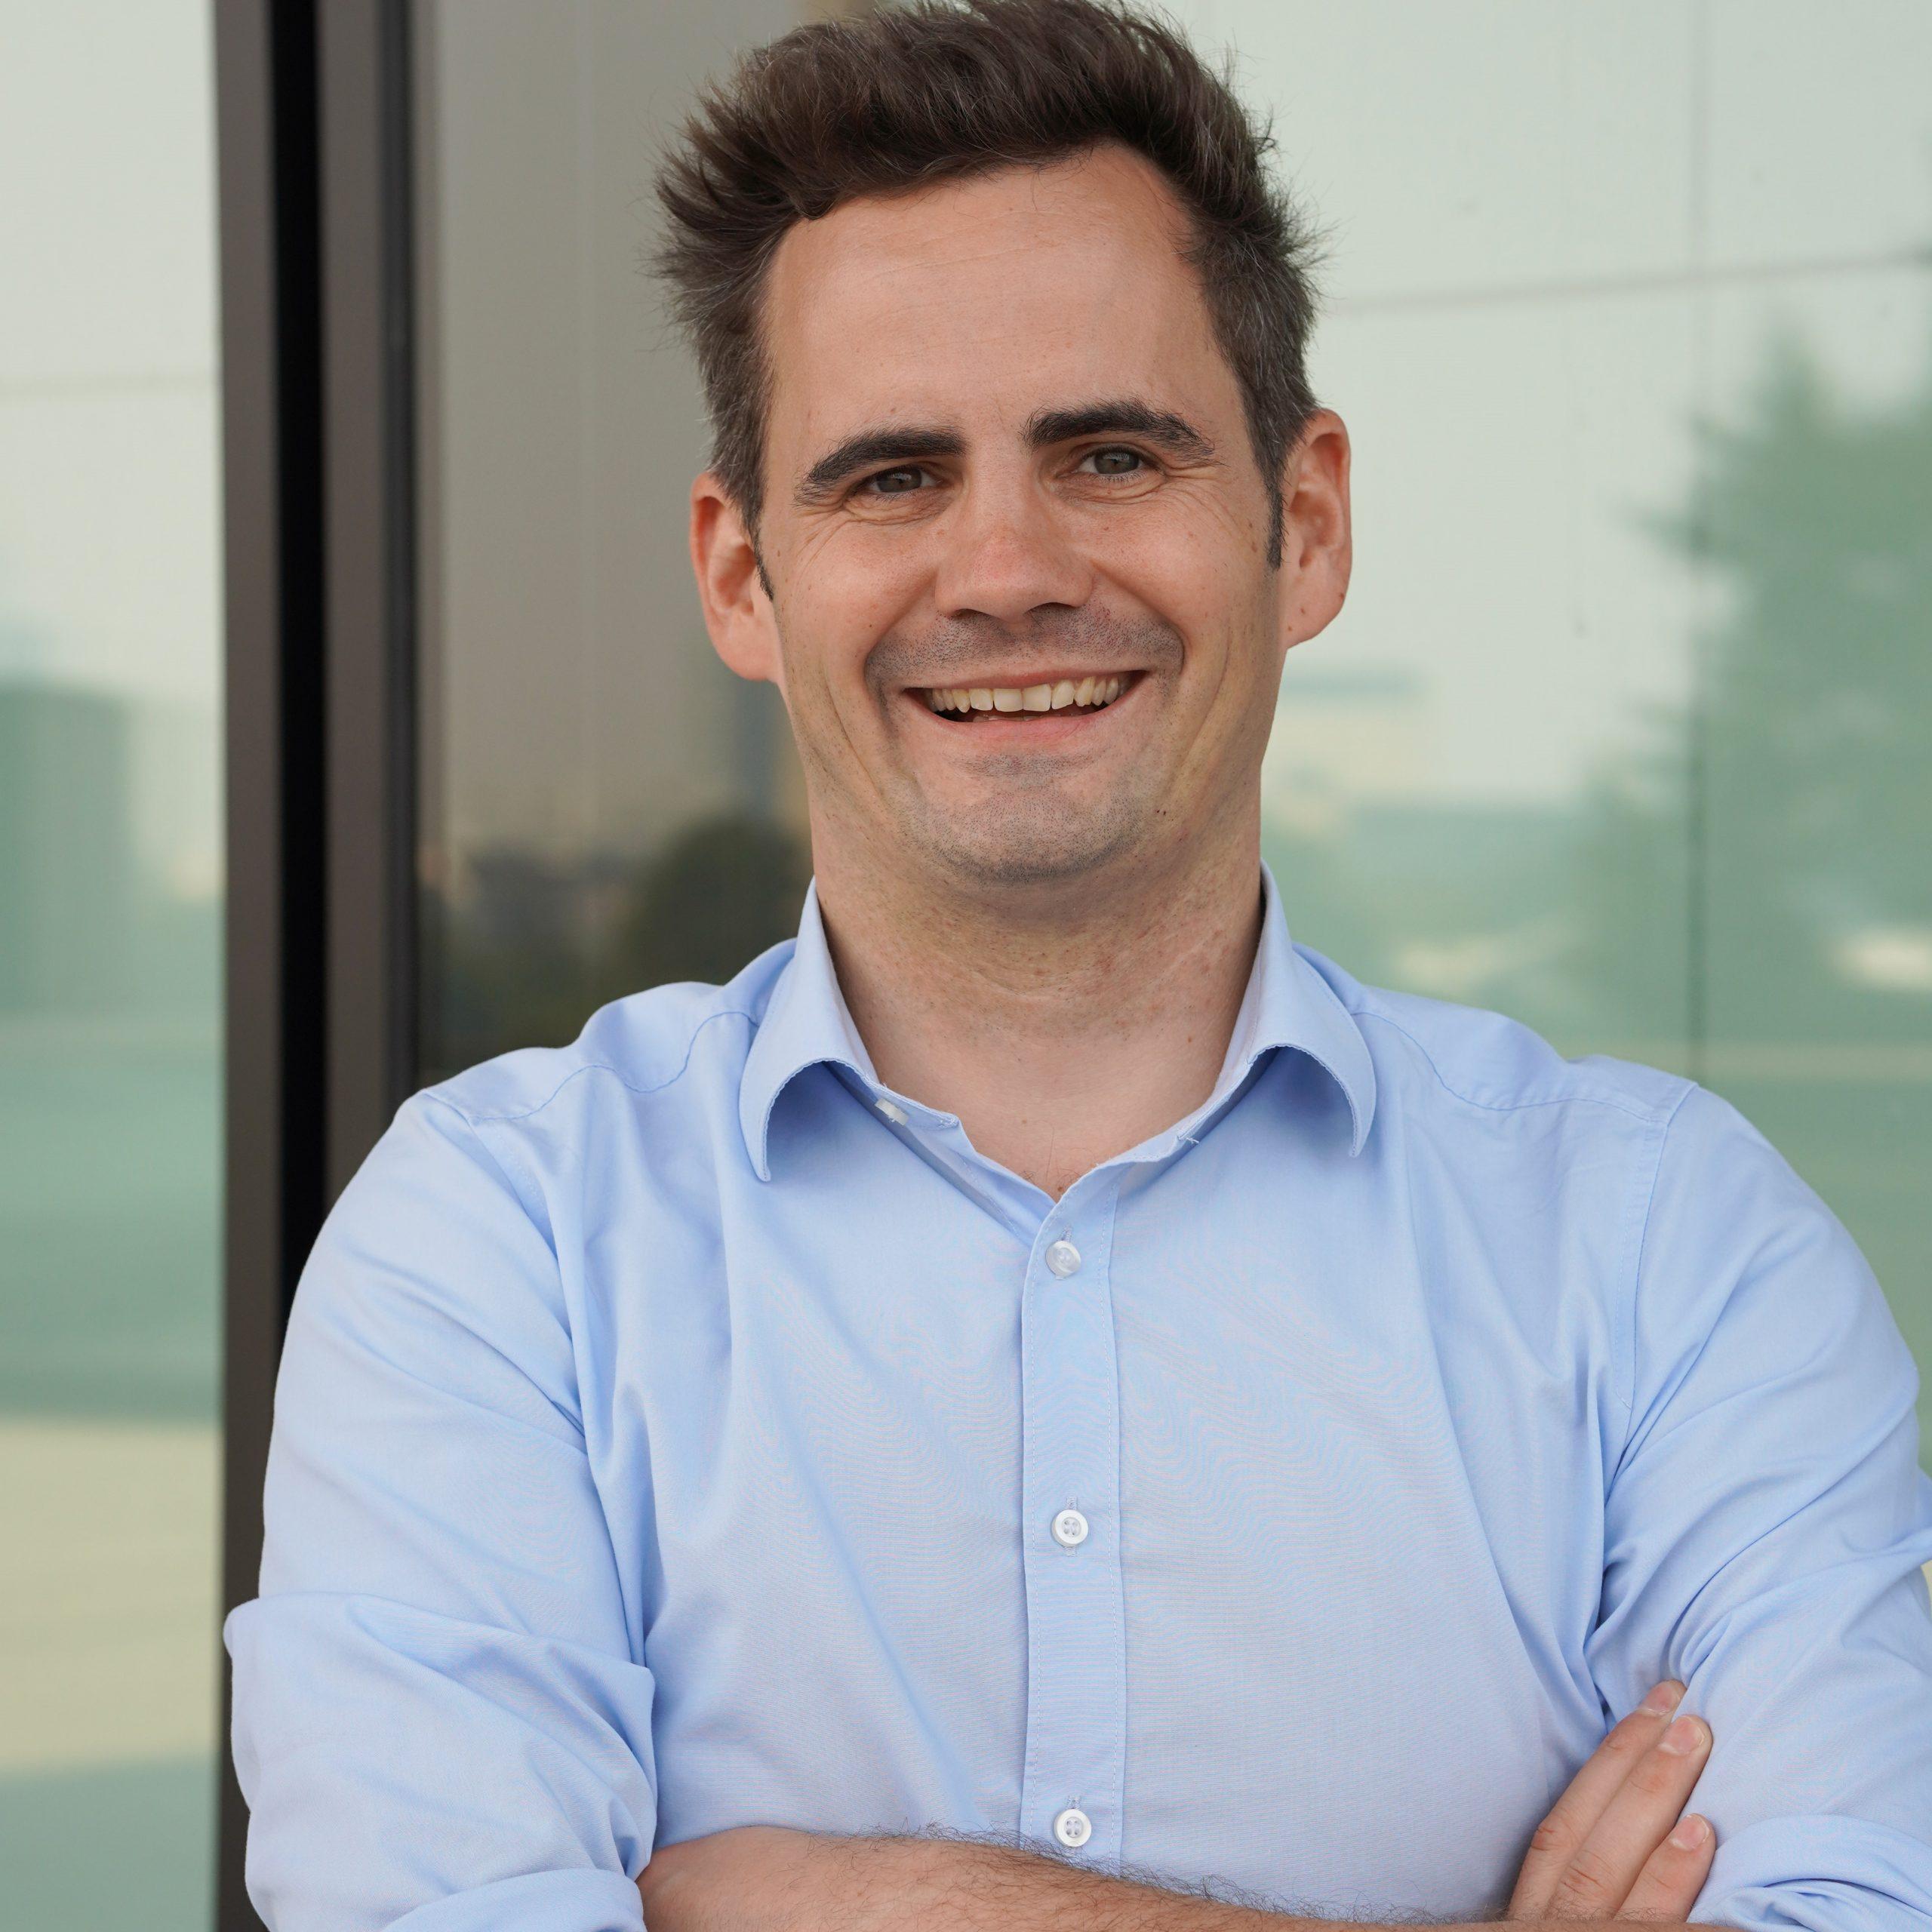 Robert Jänisch ist zertifizierter IT-Business Manager und arbeitet seit mehr als 20 Jahren in der IT-Branche. Er verantwortete verschiedene digitale Transformationsprojekte zu Themen rund um System Management, IT-Prozesse und Service Management.